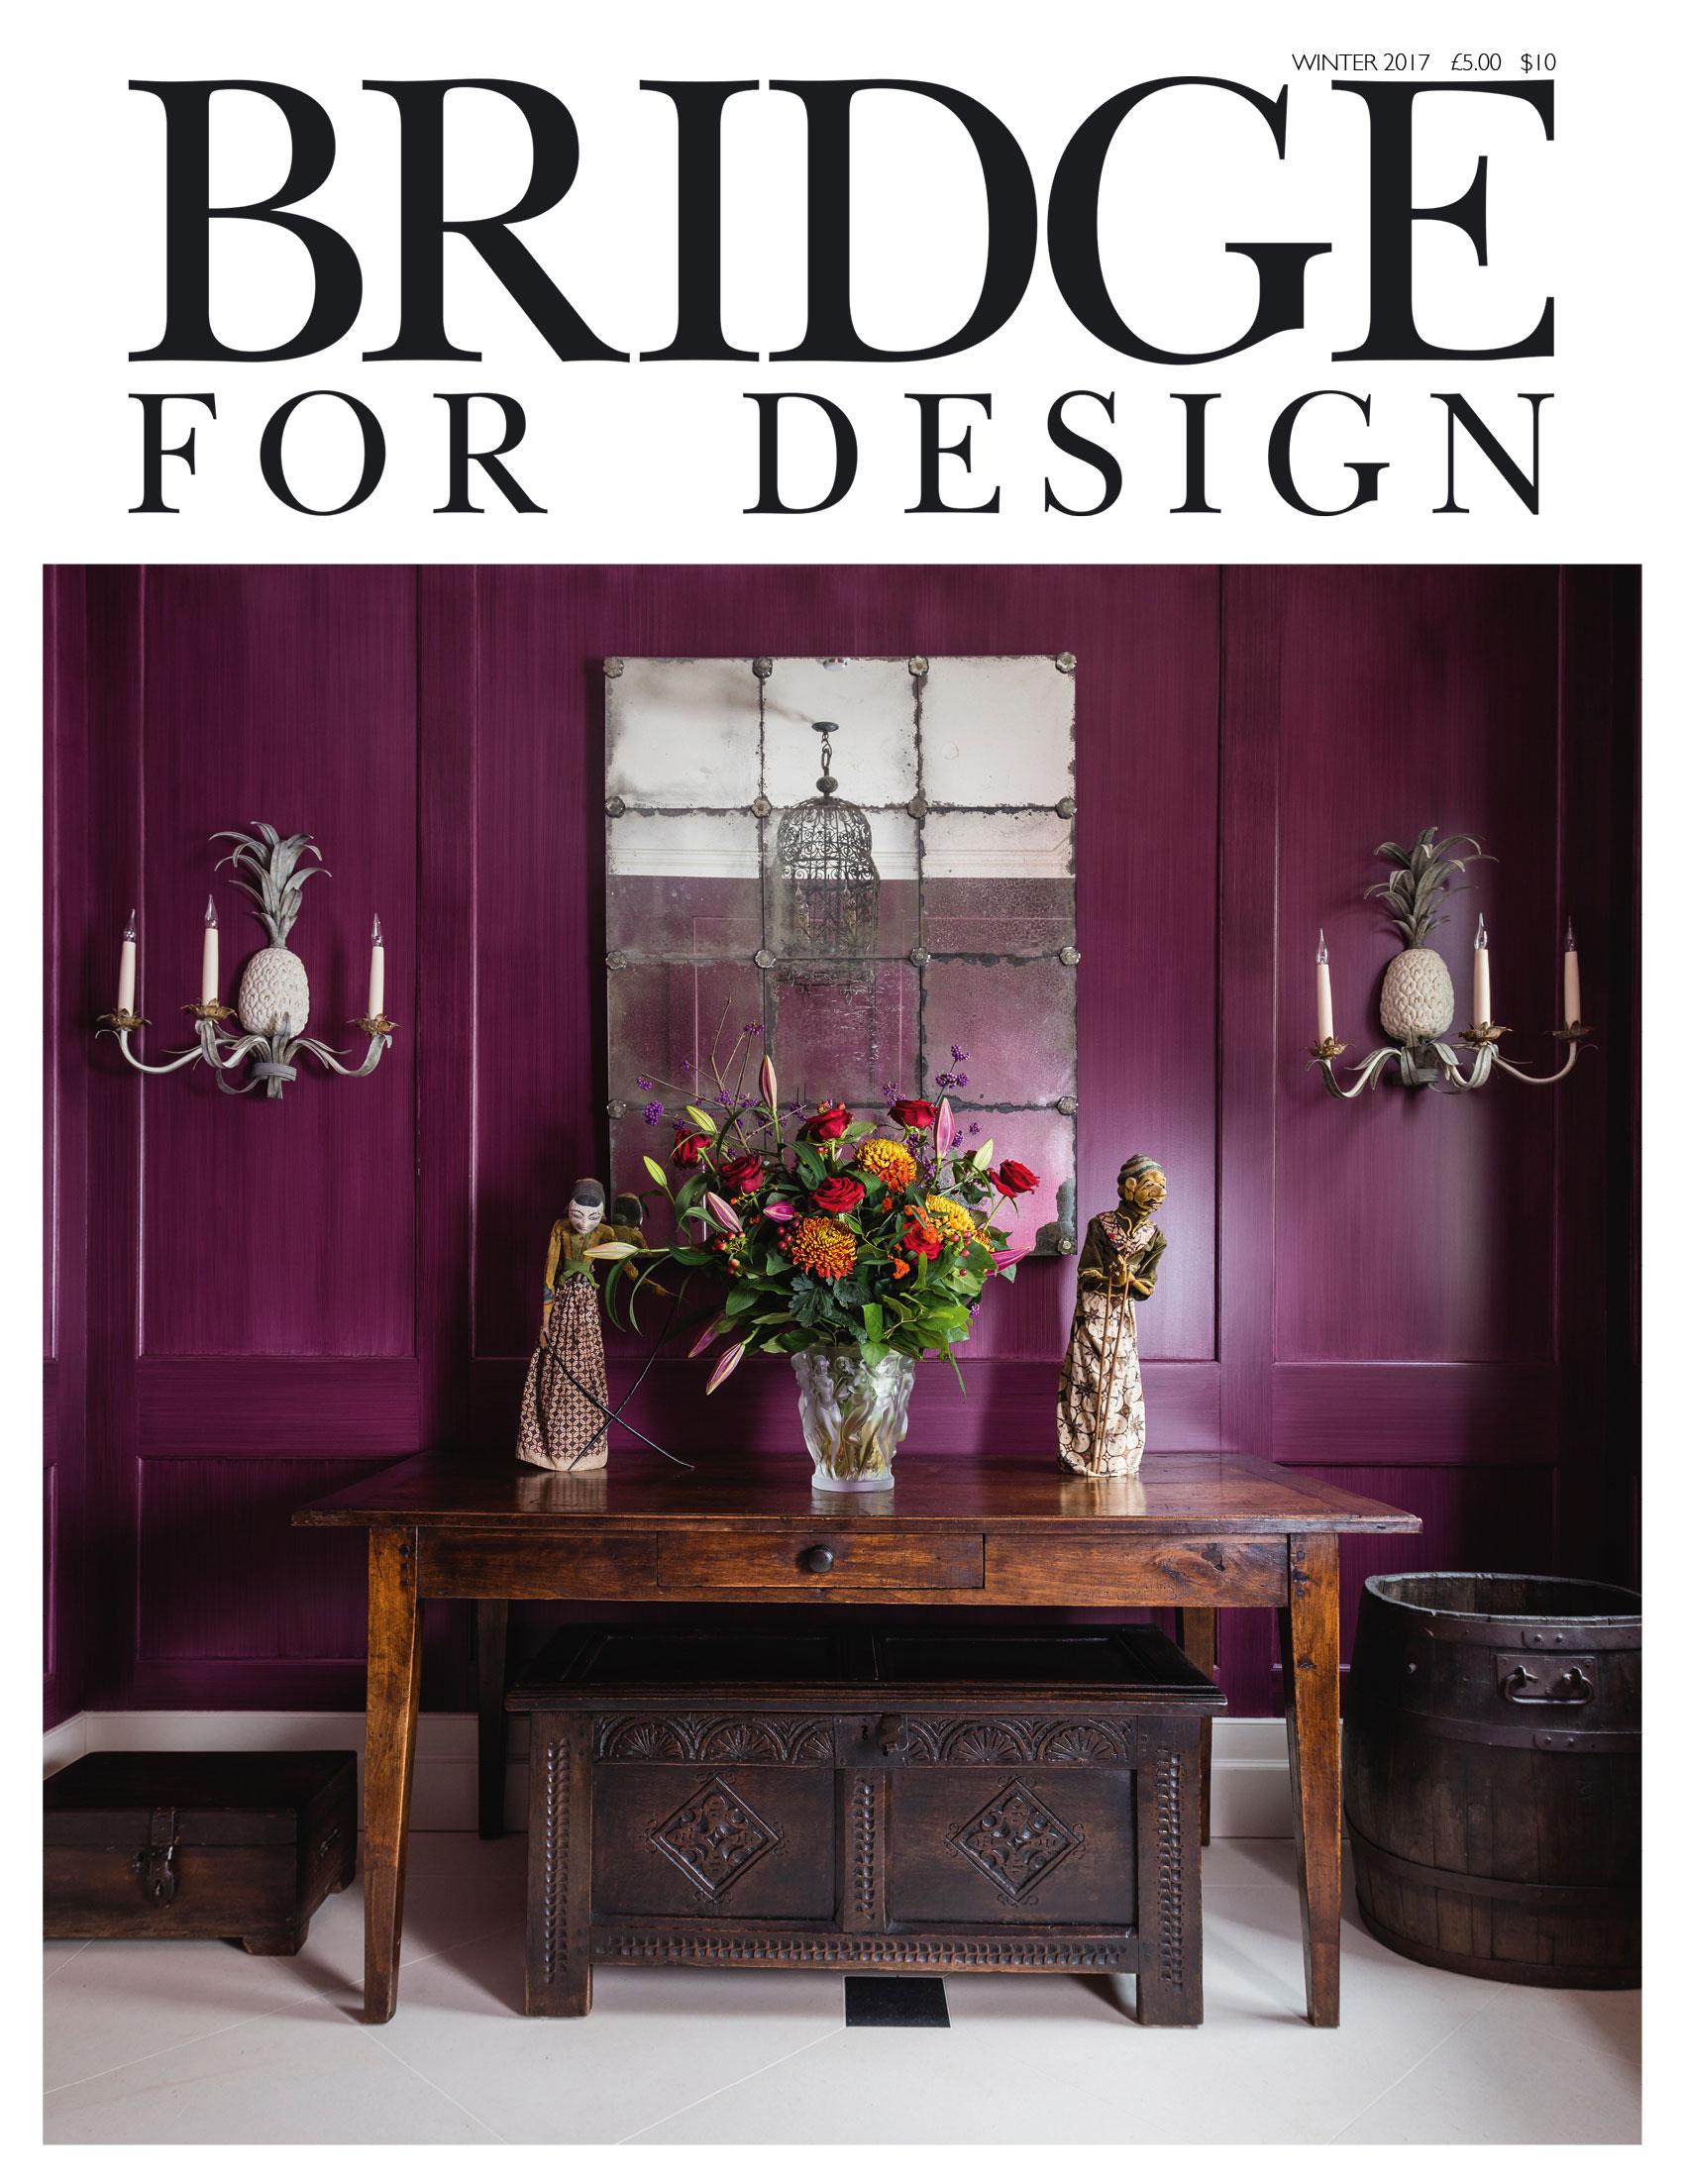 BRIDGE FOR DESIGN – WINTER 2017